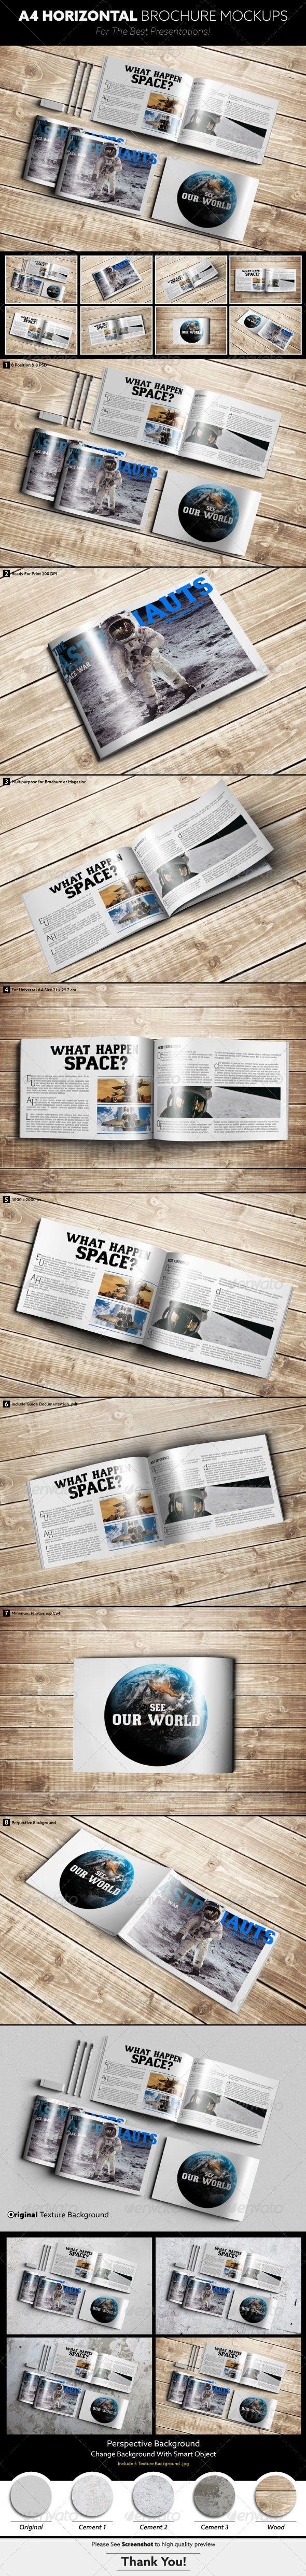 A4 Horizontal Brochure Mockups - Brochures Print